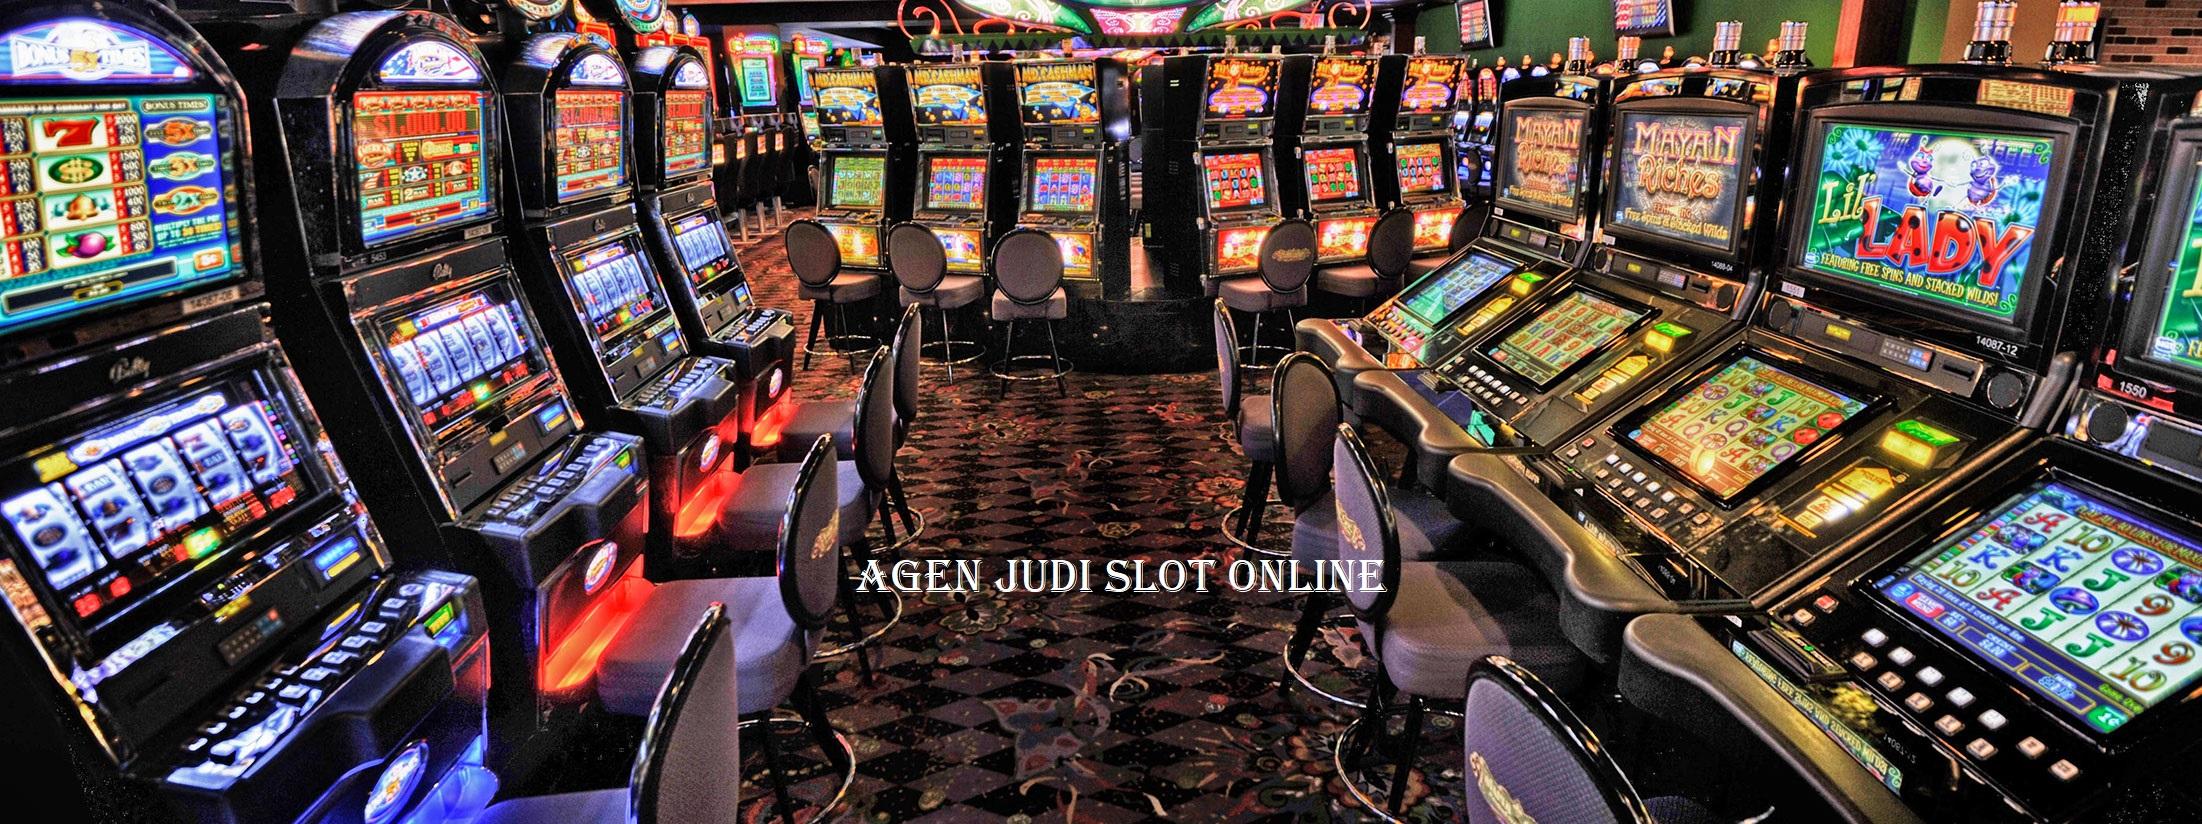 Agen Slot Online Terbaik